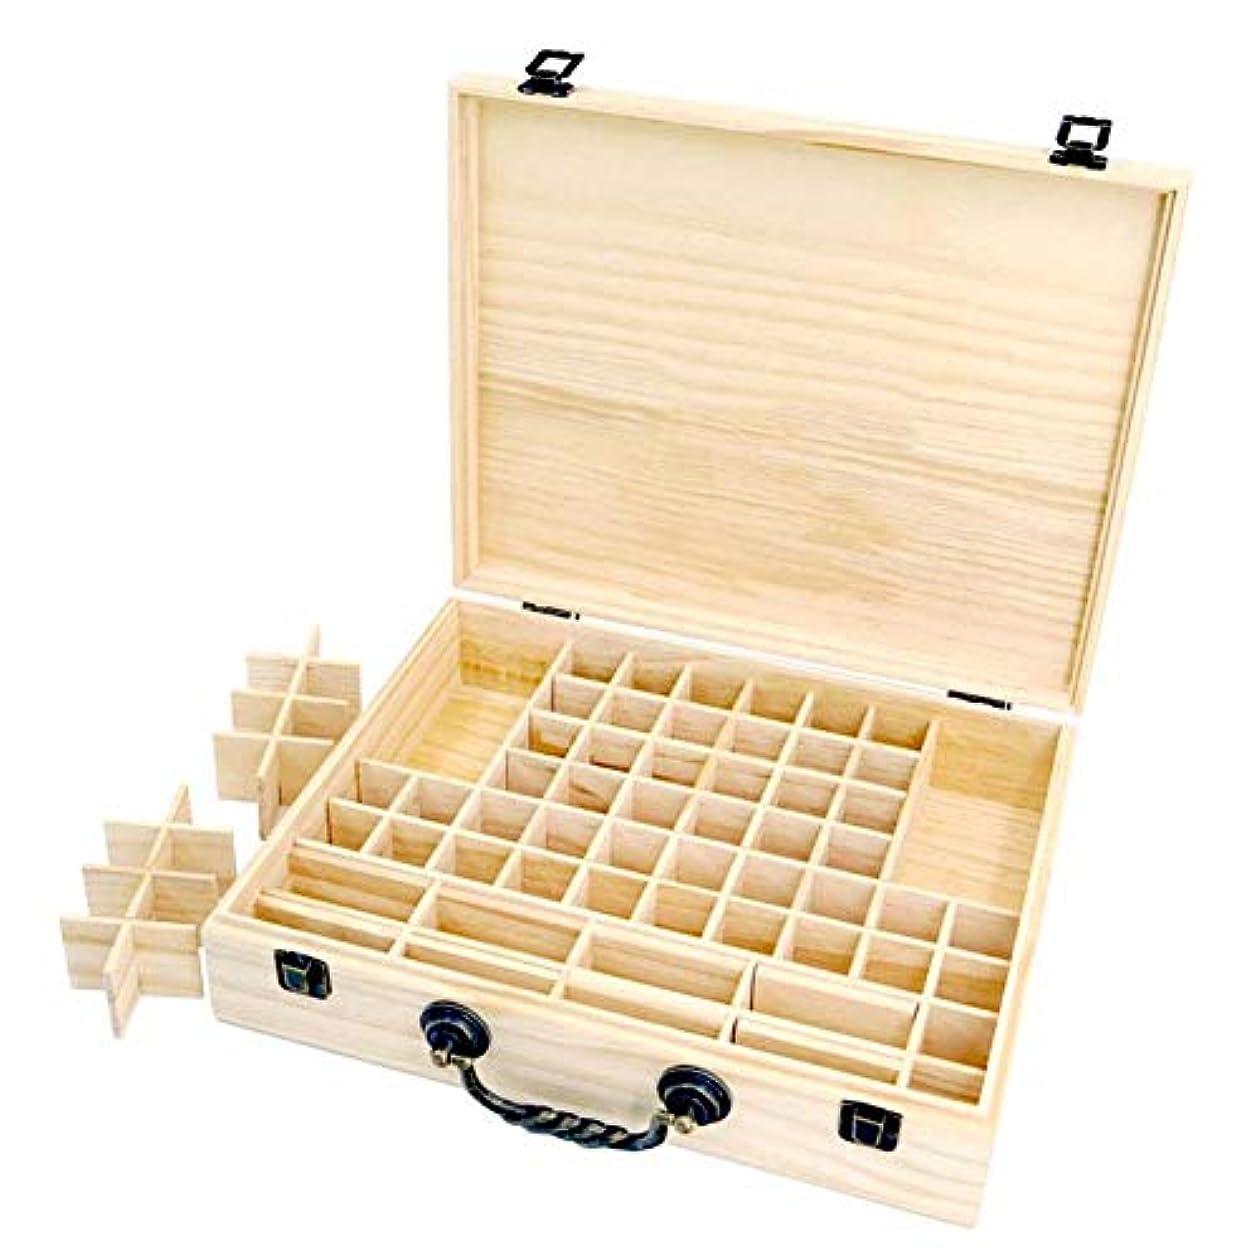 関連付ける日食似ているエッセンシャルオイル収納ボックス 収納ケース 保存ボックス パイン製 取り外し可能なメッシュ 70グリッド 持ち運び便利 junexi